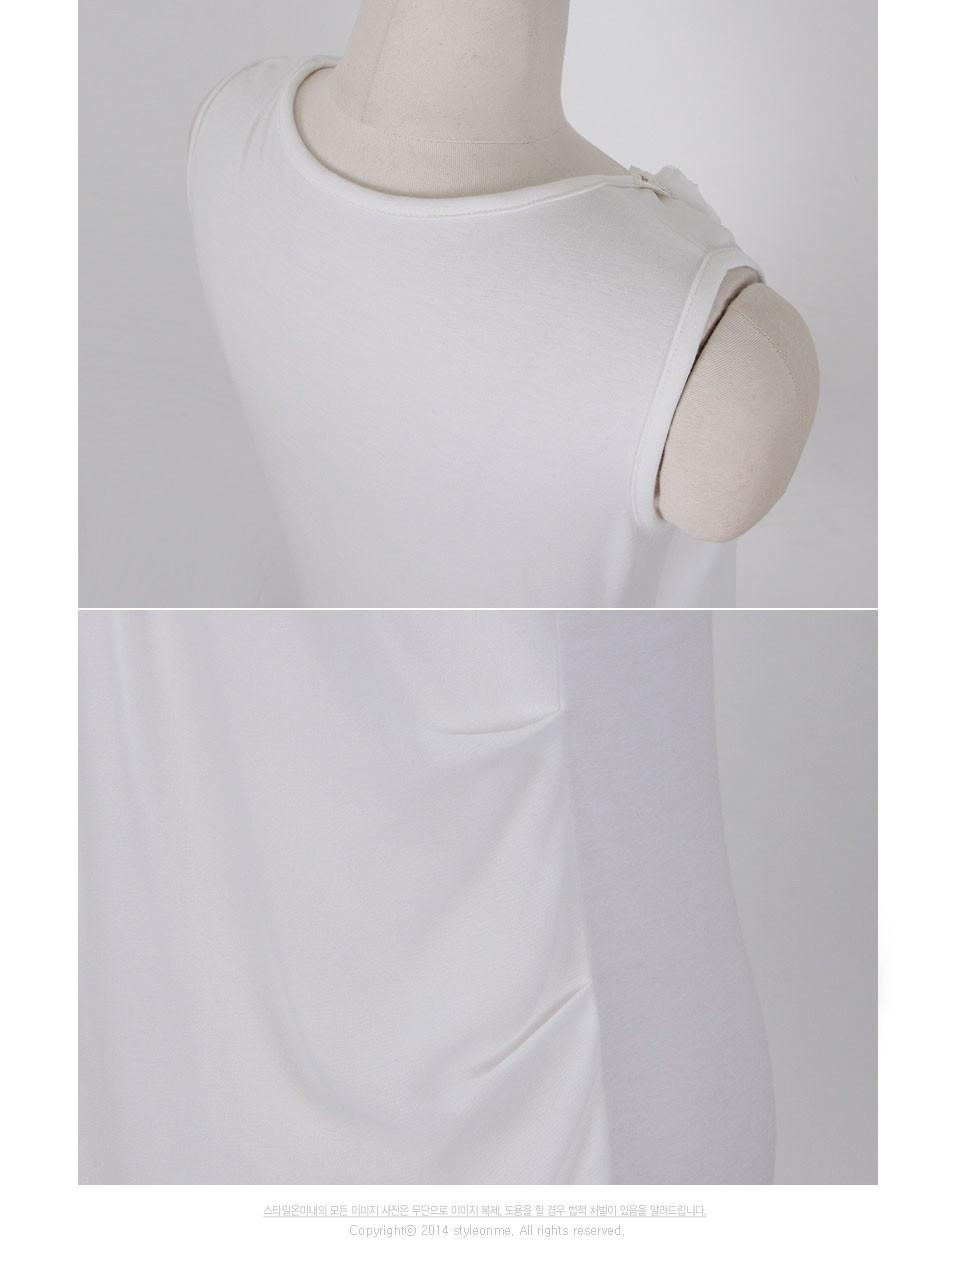 HTB1hLmaMpXXXXXLXXXXq6xXFXXXQ - Blusas femininas blouses blusa feminino Sleeveless Shirt S-6XL Plus Size